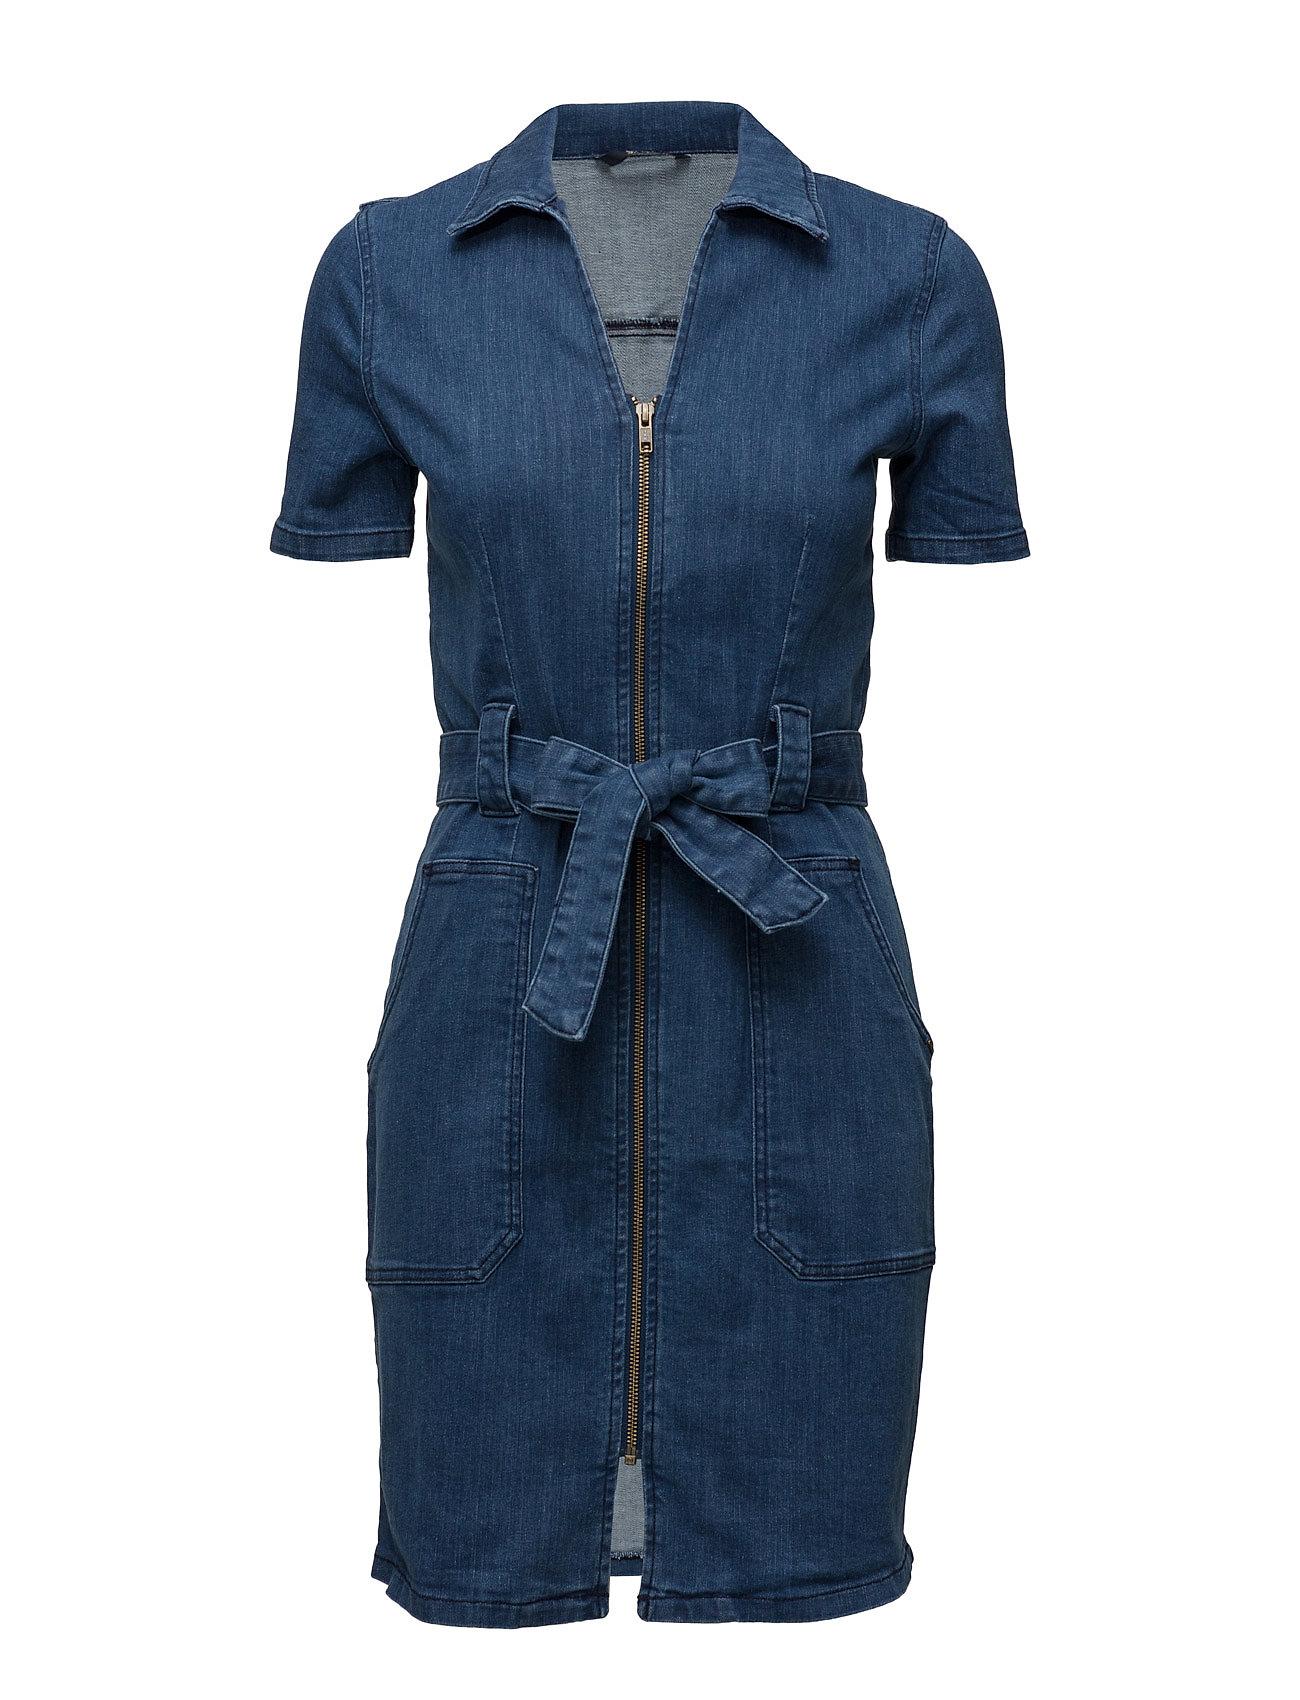 Onllilly Ss Zip Dnm Dress Blue Akm05 ONLY Korte kjoler til Damer i